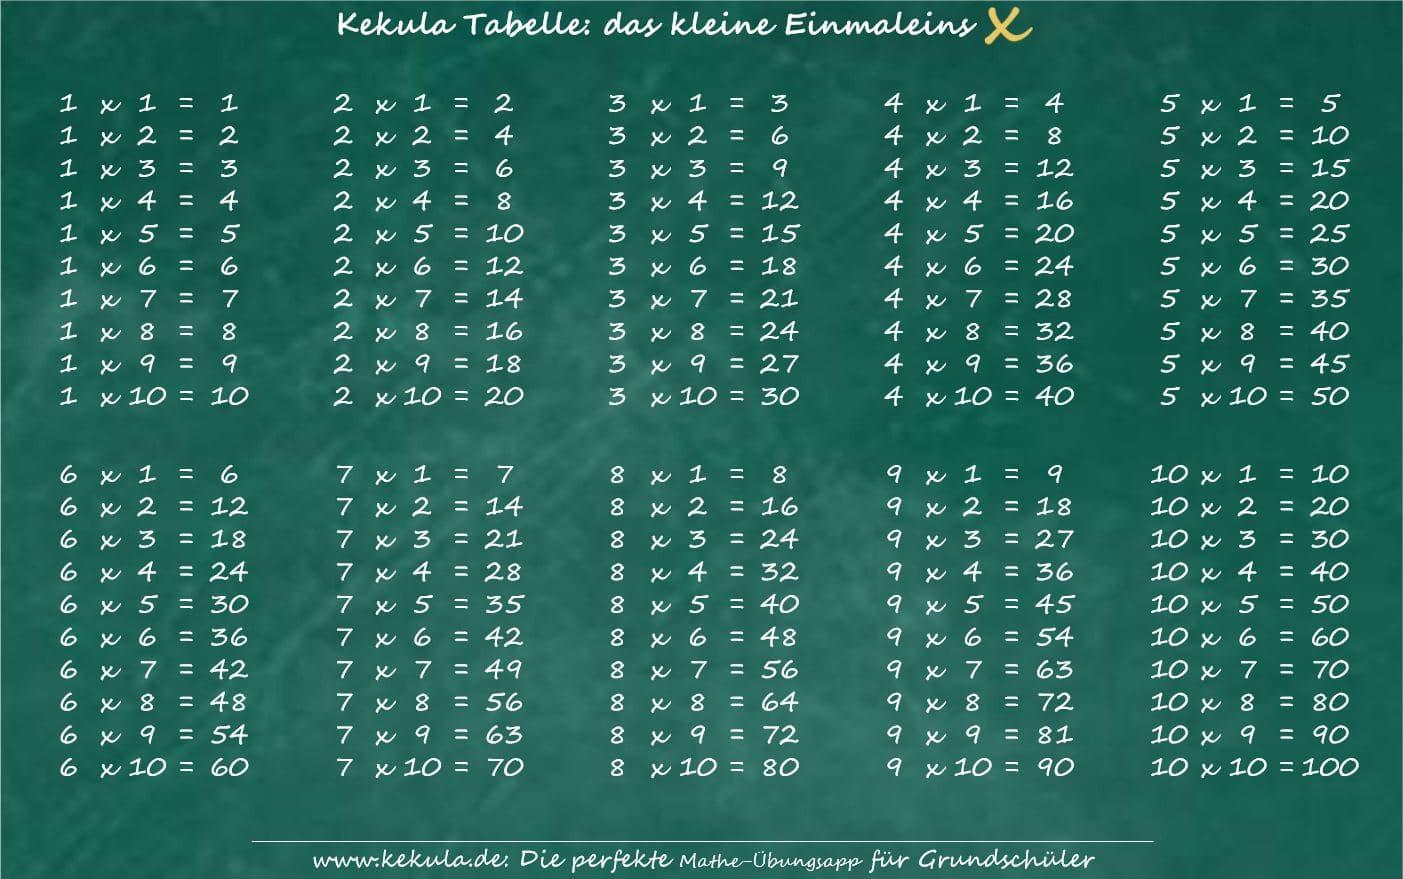 Lernkarte kleine einmaleins,1x1, kleines 1x1,Tabelle,kostenlos,PDF